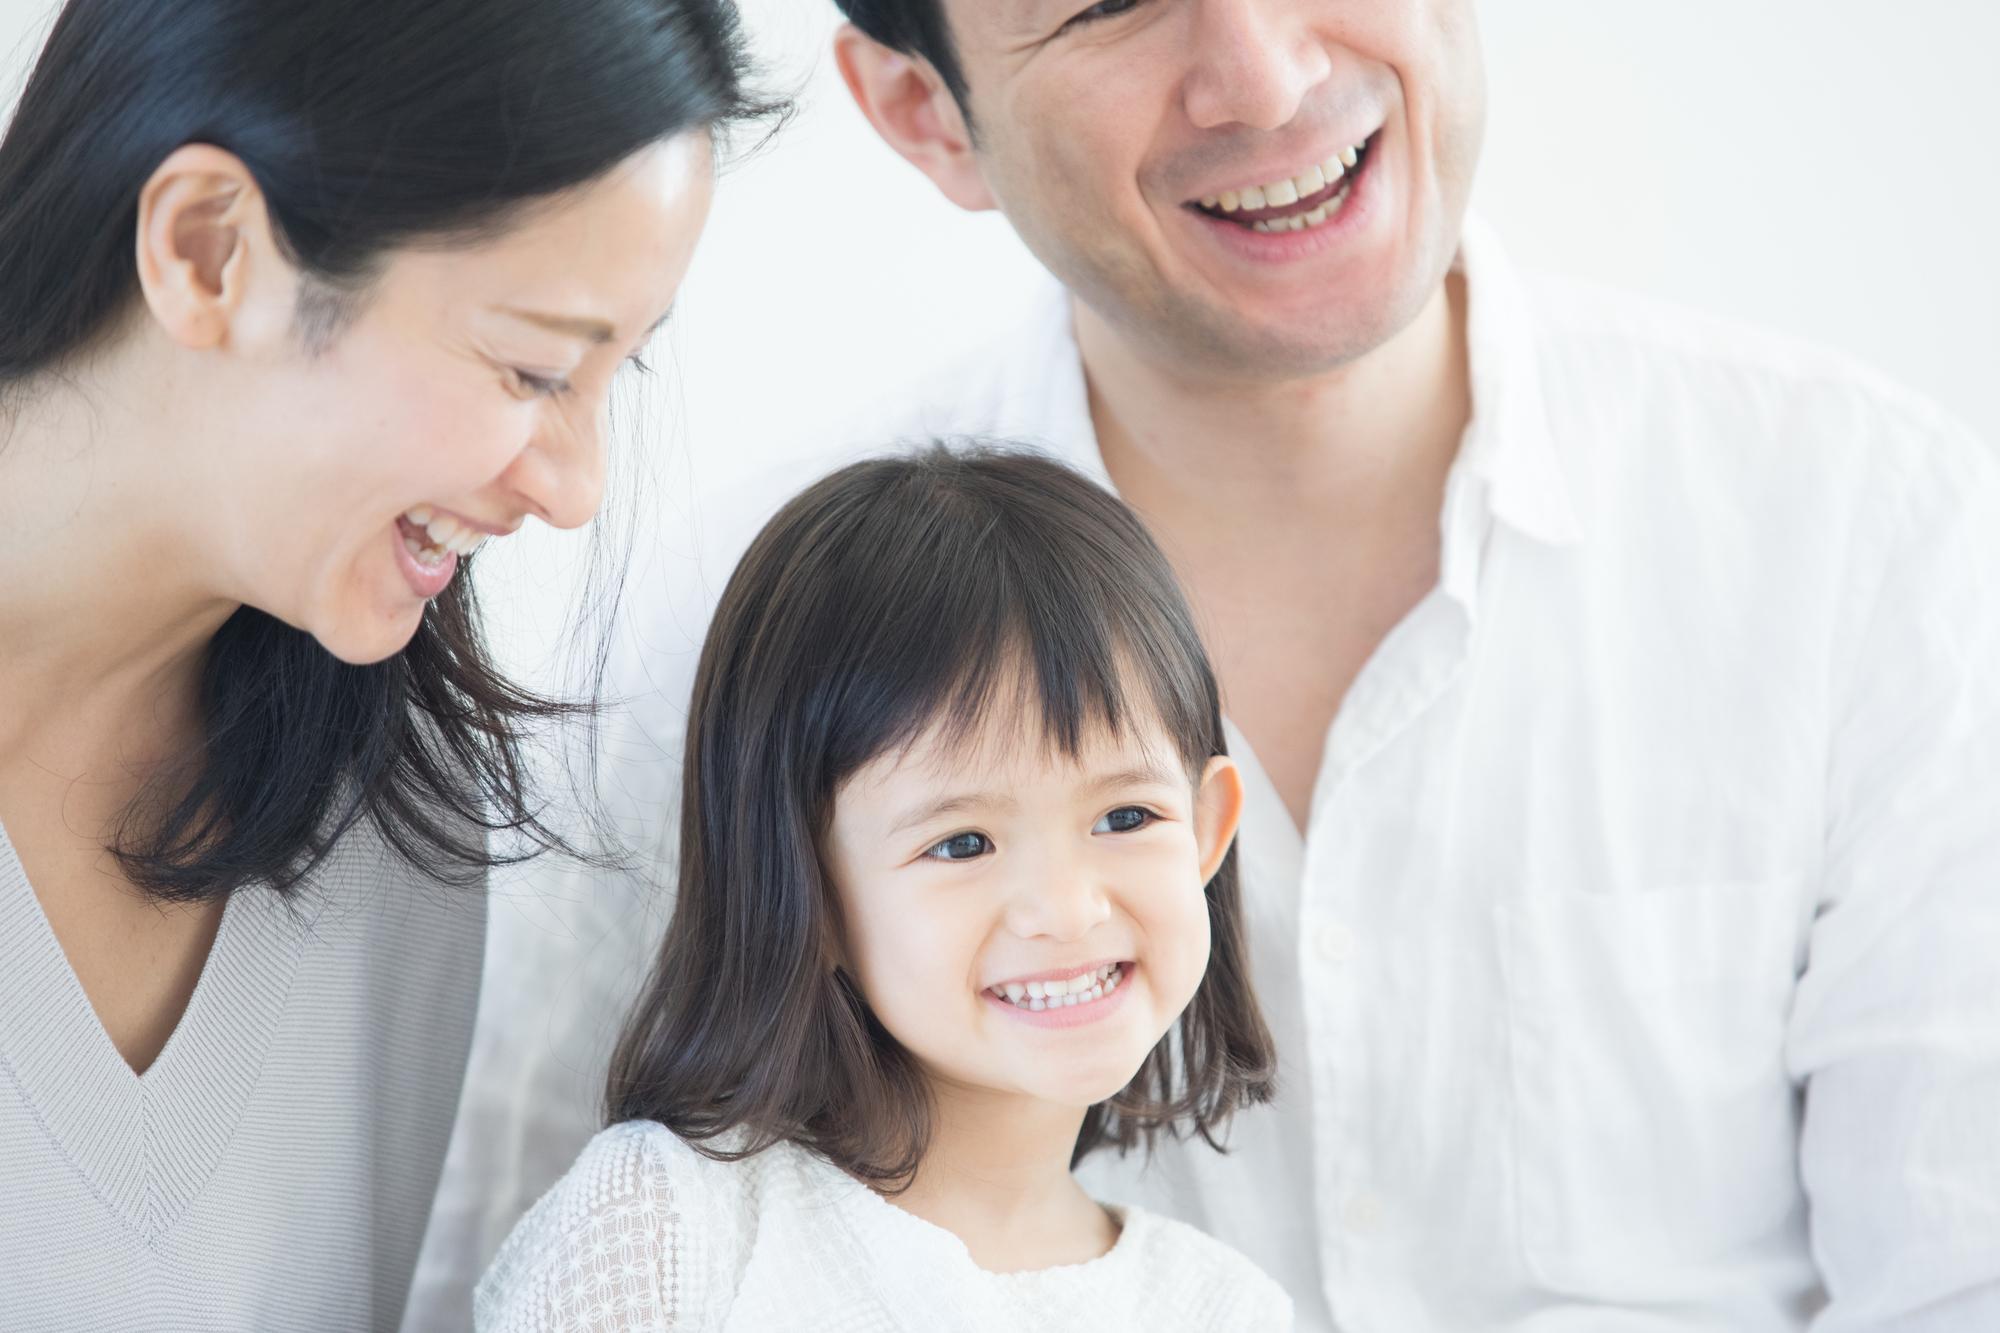 【2歳】数が好きな子が育つ!?「ドッツカード」の効果とは?